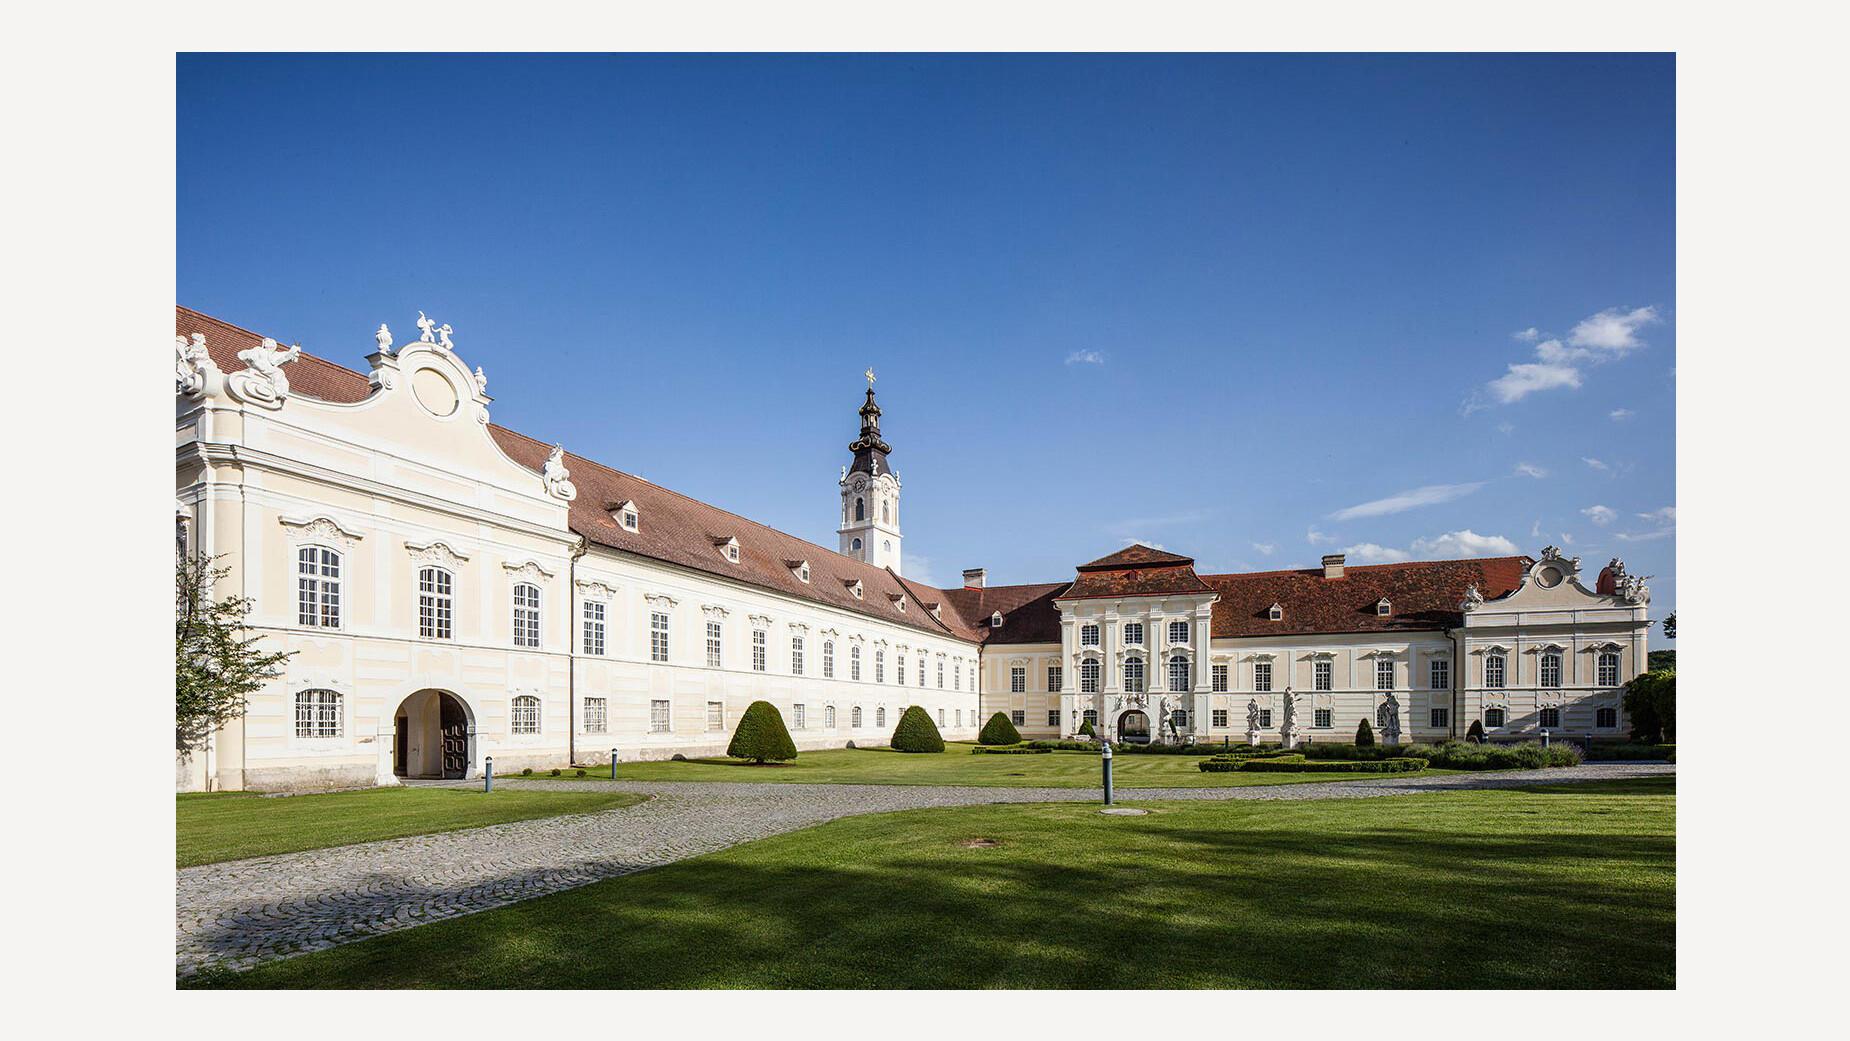 Stift Altenburg von Josef Munggenast, Barockbaumeister